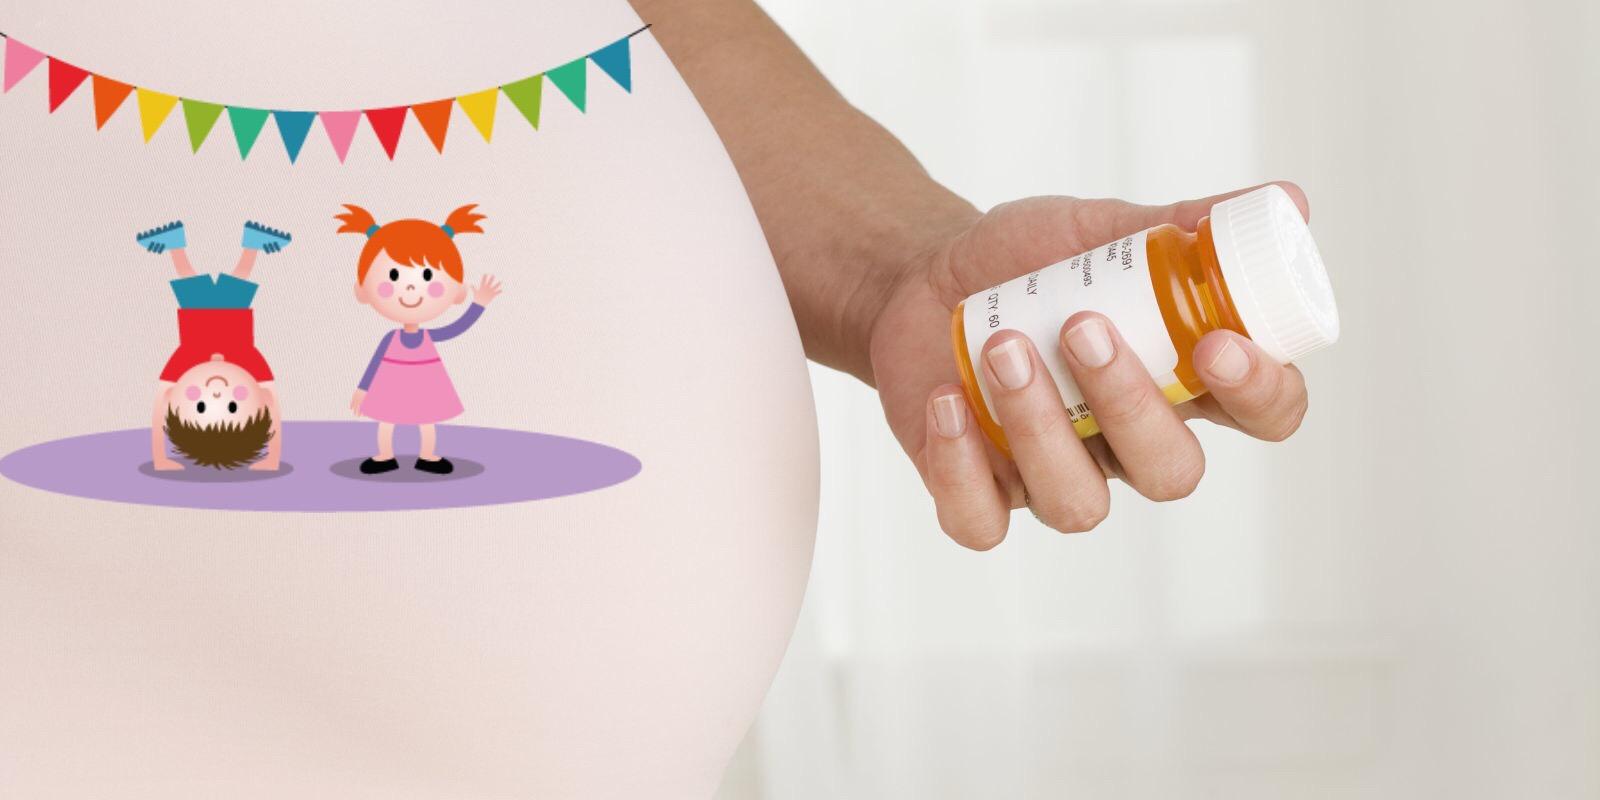 Антидепрессанты, беременность, СДВГ, аутизм